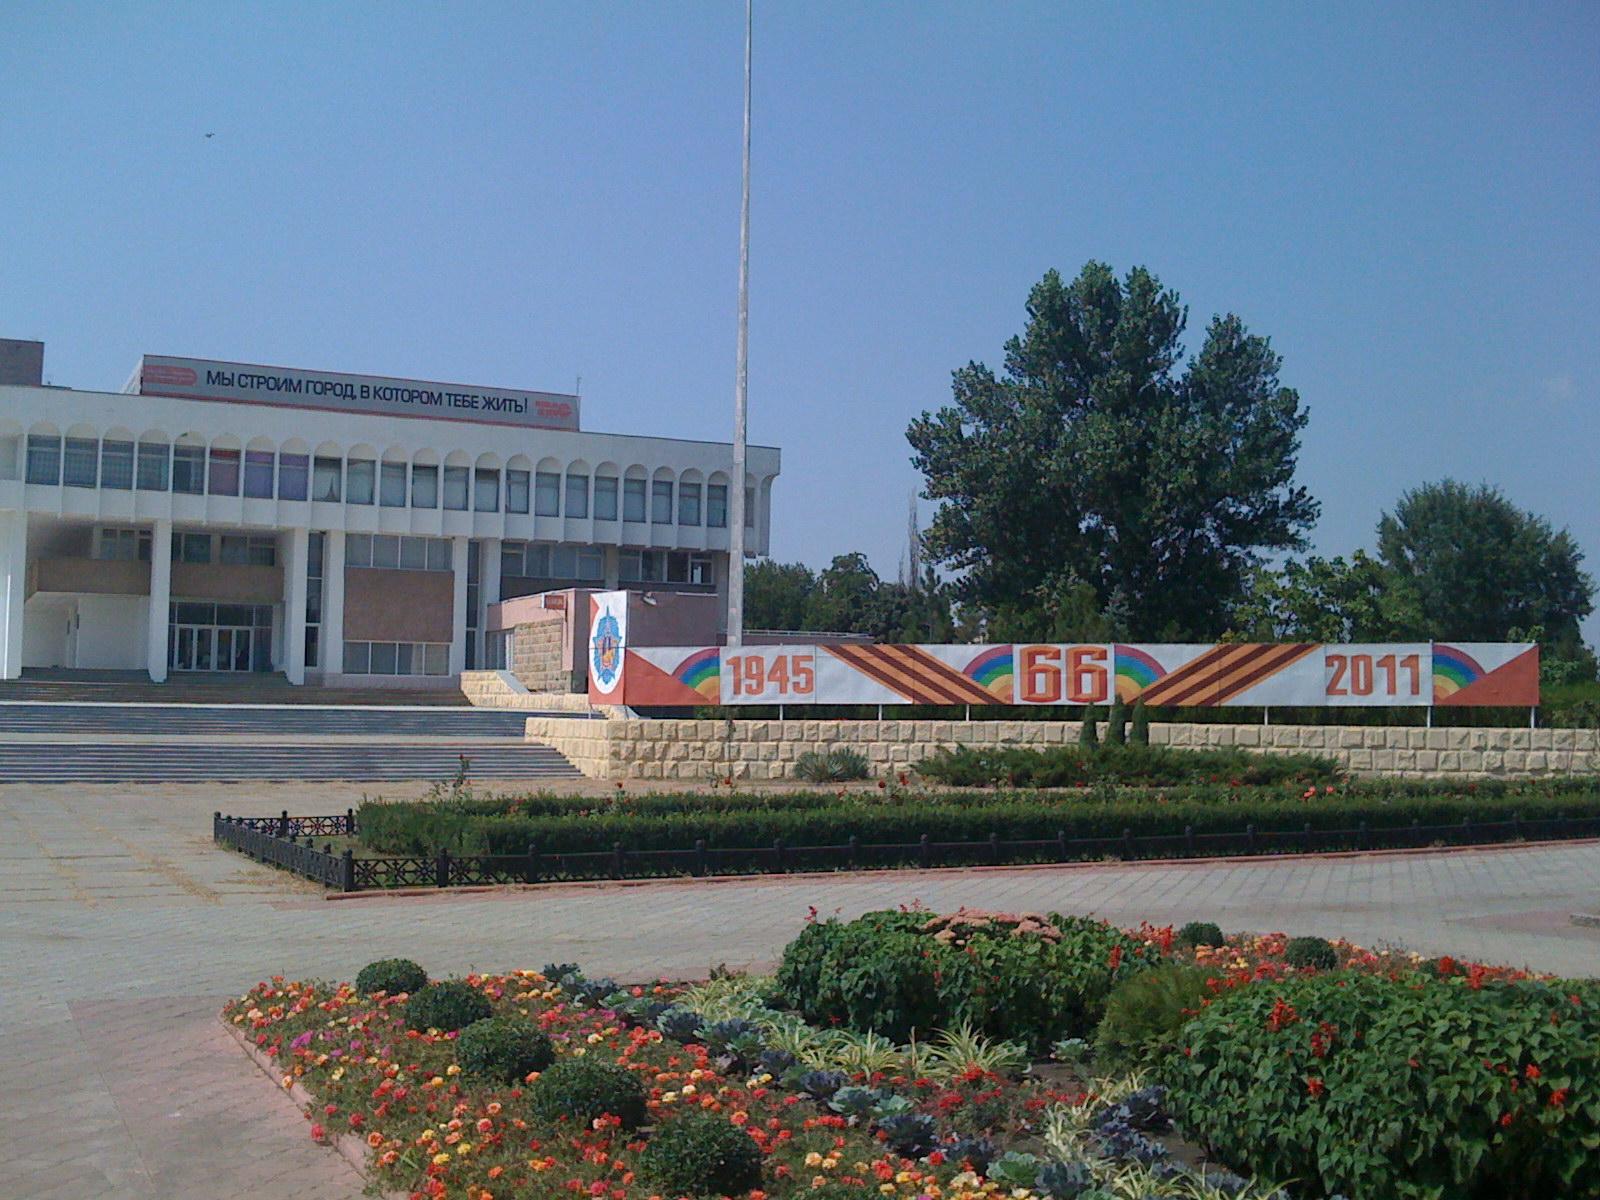 Transnistria 66 años de comunismo (en 2011)